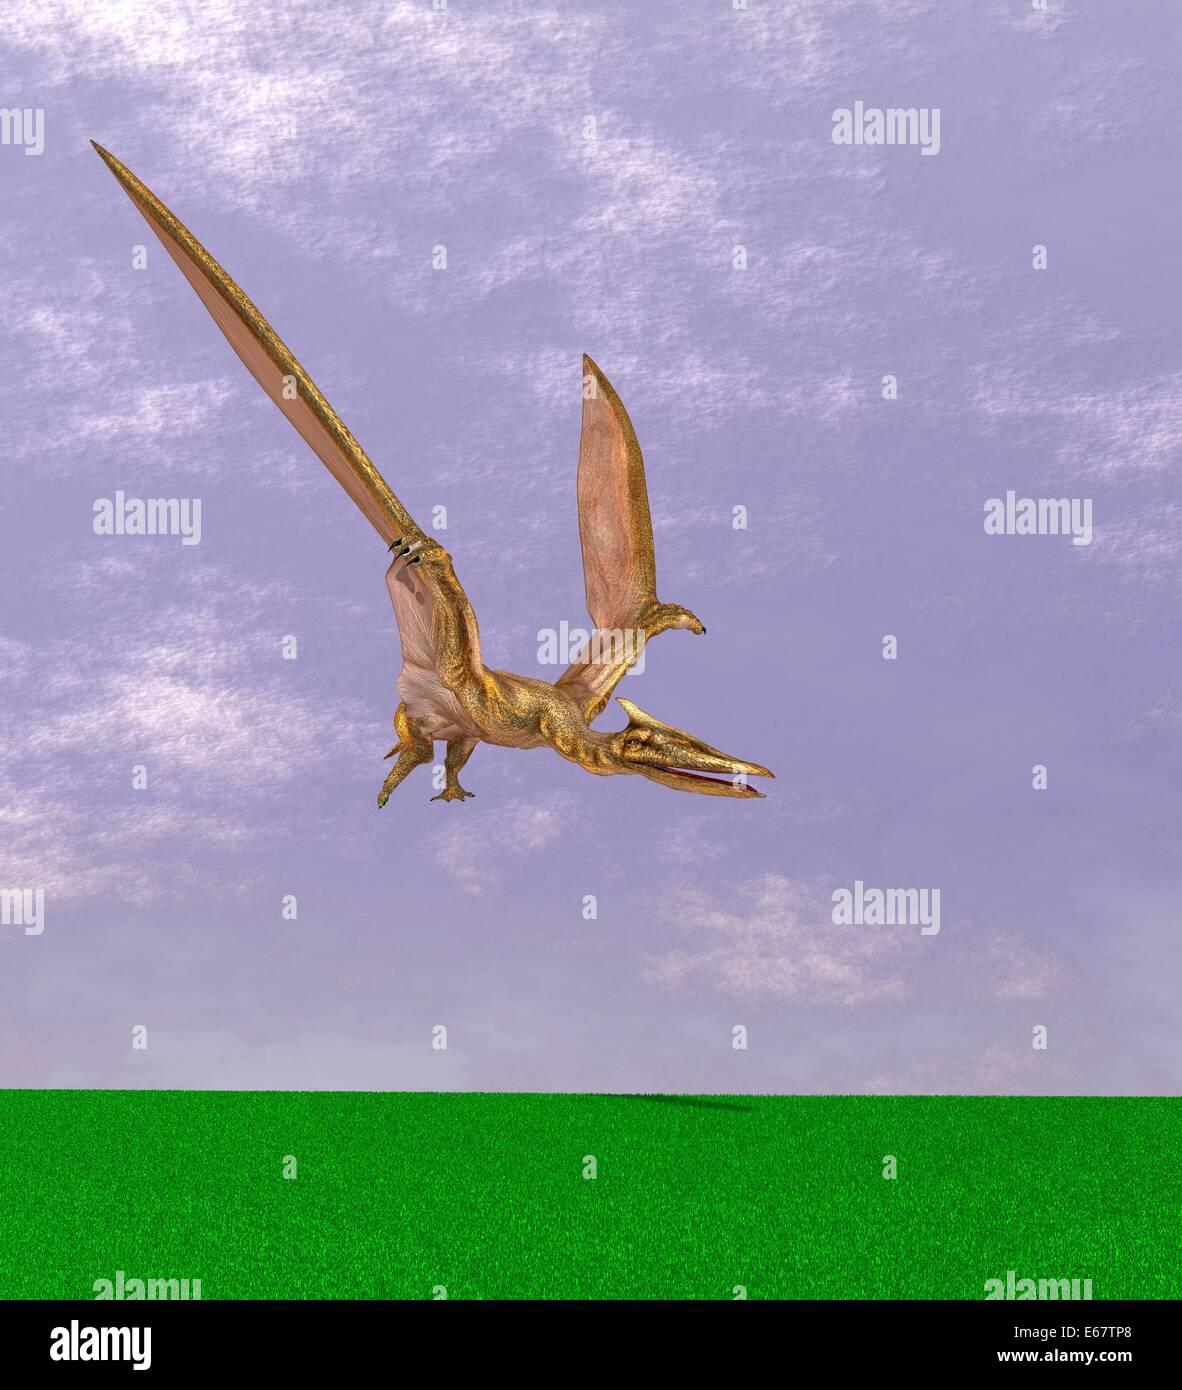 Dinosaurier Quetzalcoatlus / dinosaur QuetzalcoatlusStock Photo